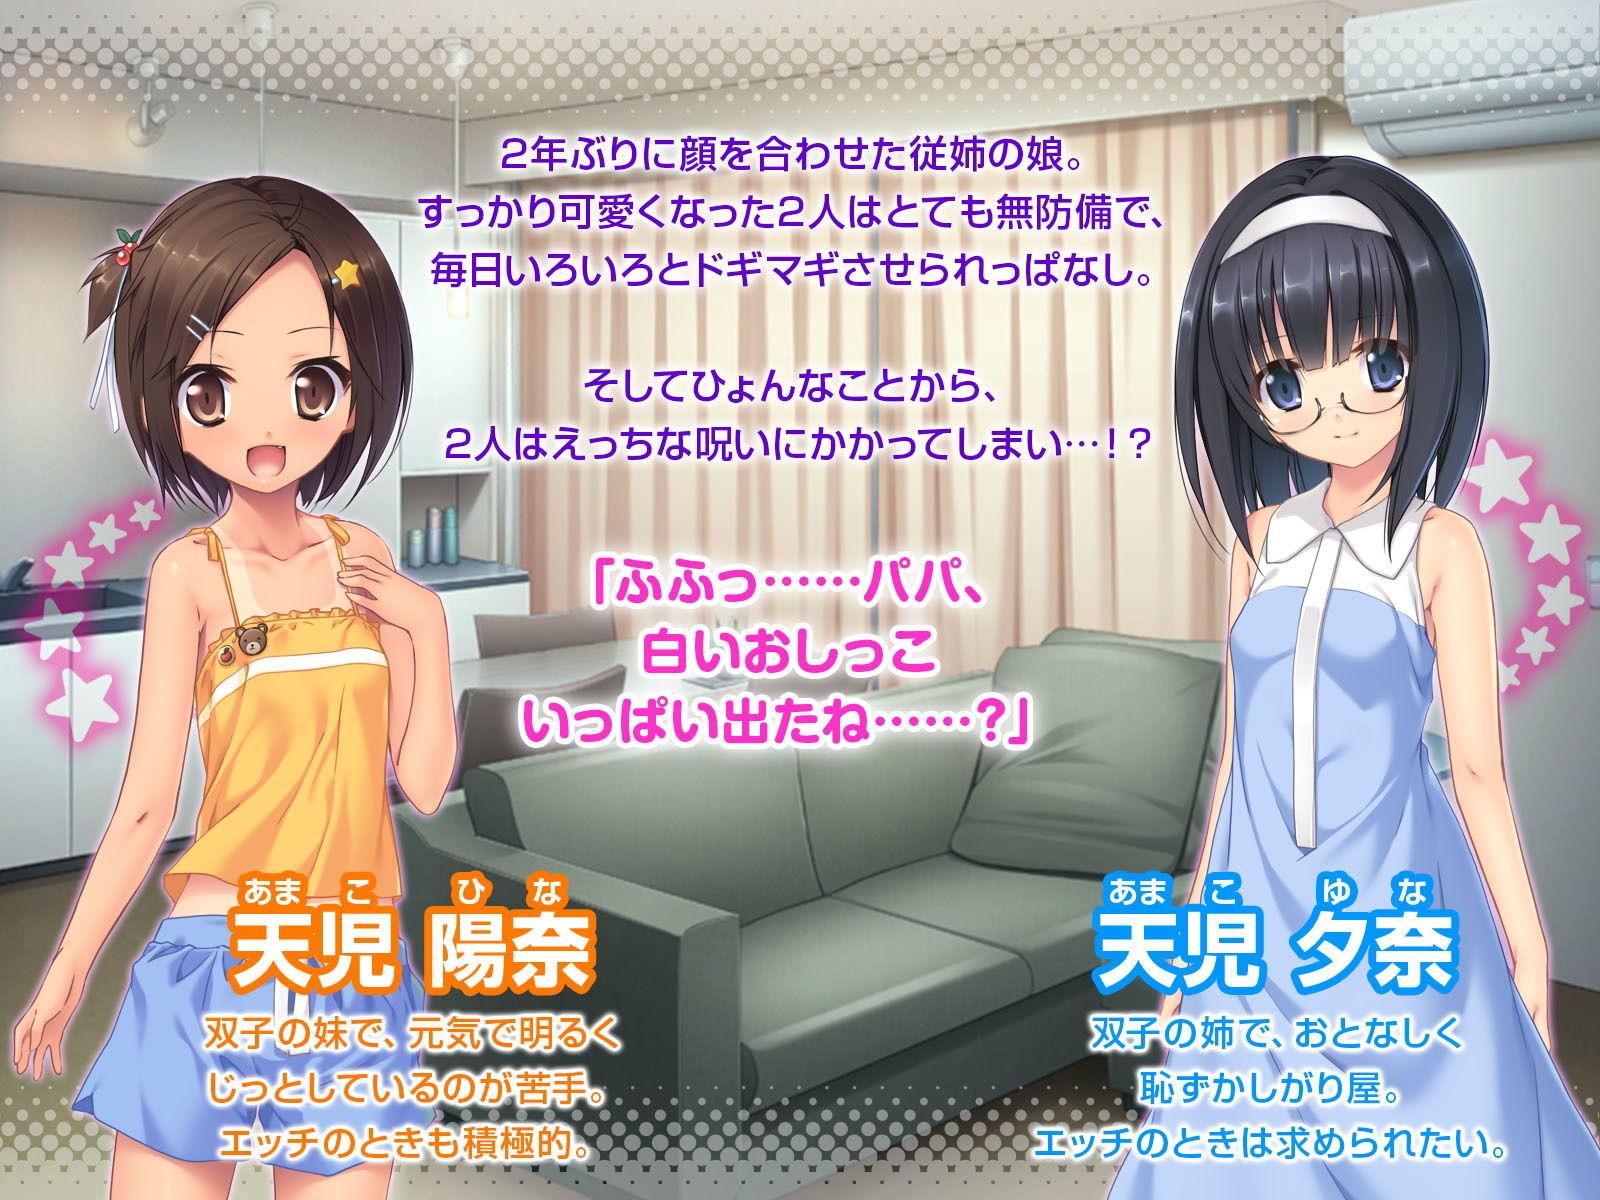 【マギ 同人】ちっぱいパラダイス☆~双子少女のアソコは甘い誘惑~